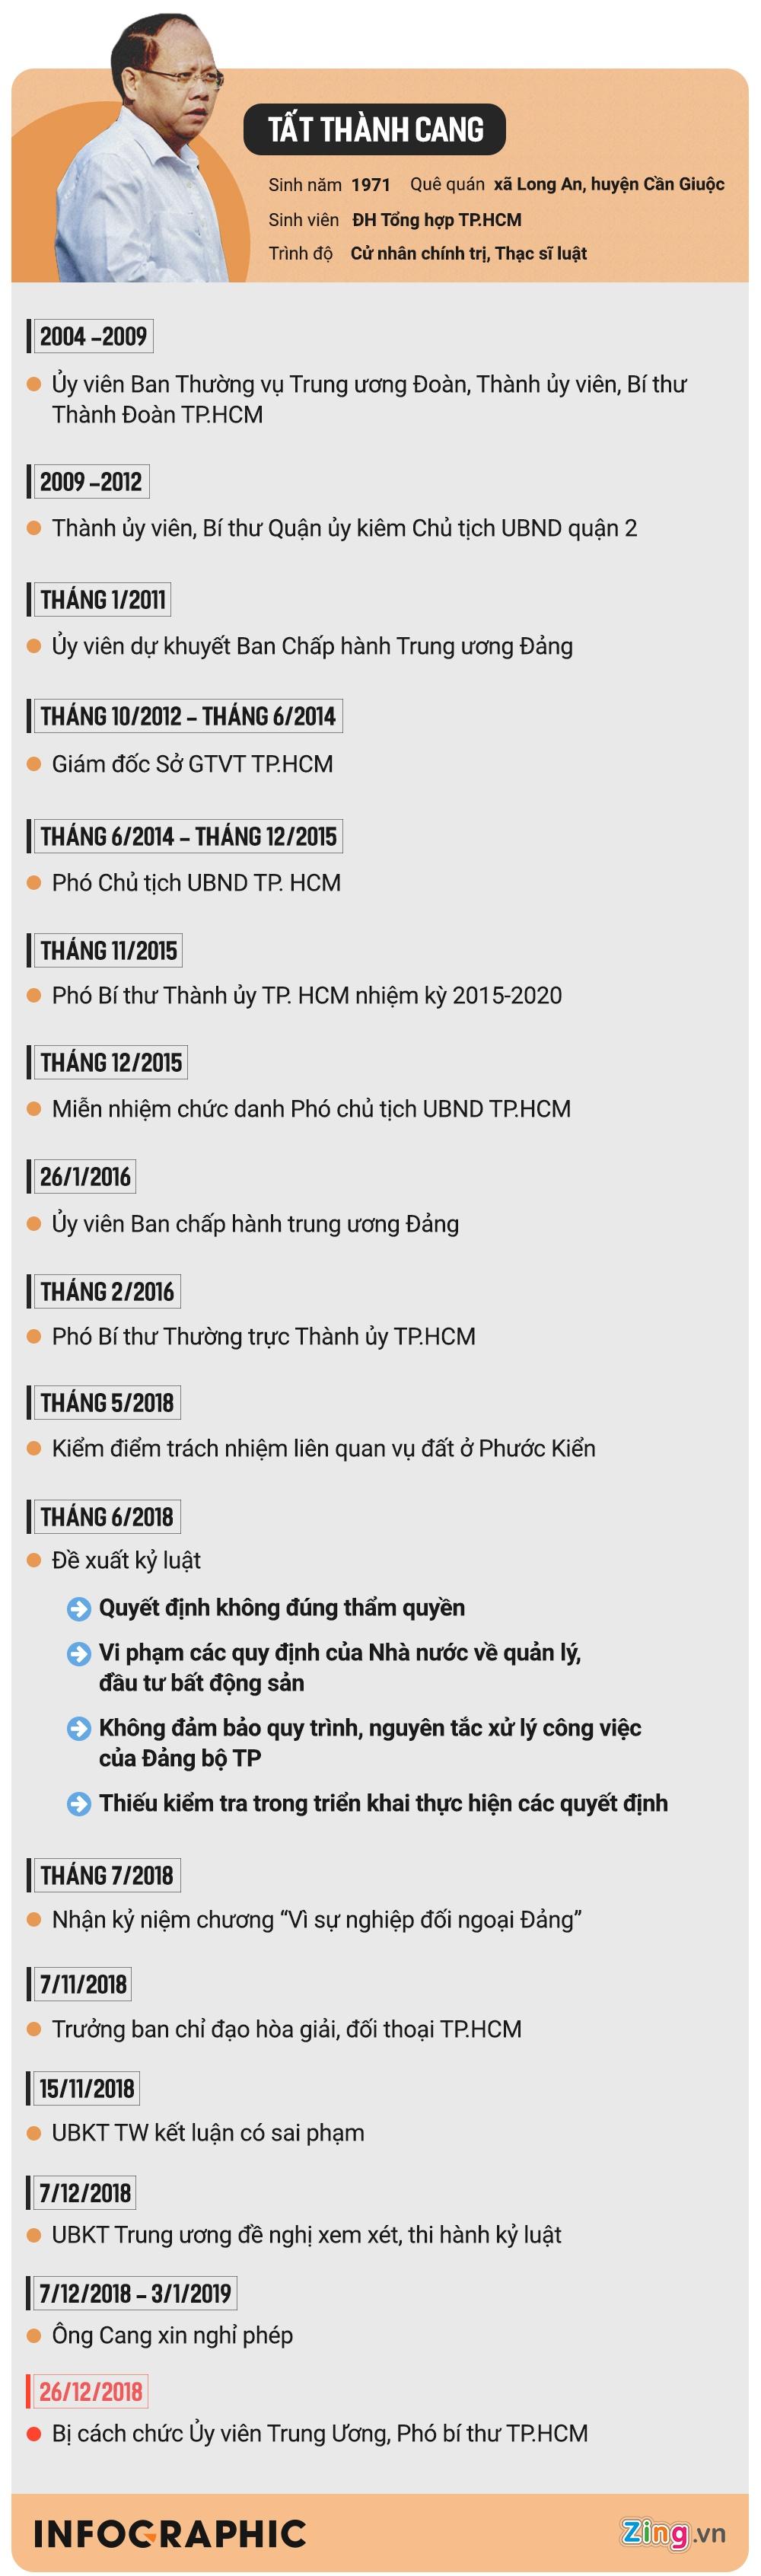 Ong Tat Thanh Cang lien quan gi vu ban 9 trieu co phieu Sadeco? hinh anh 3